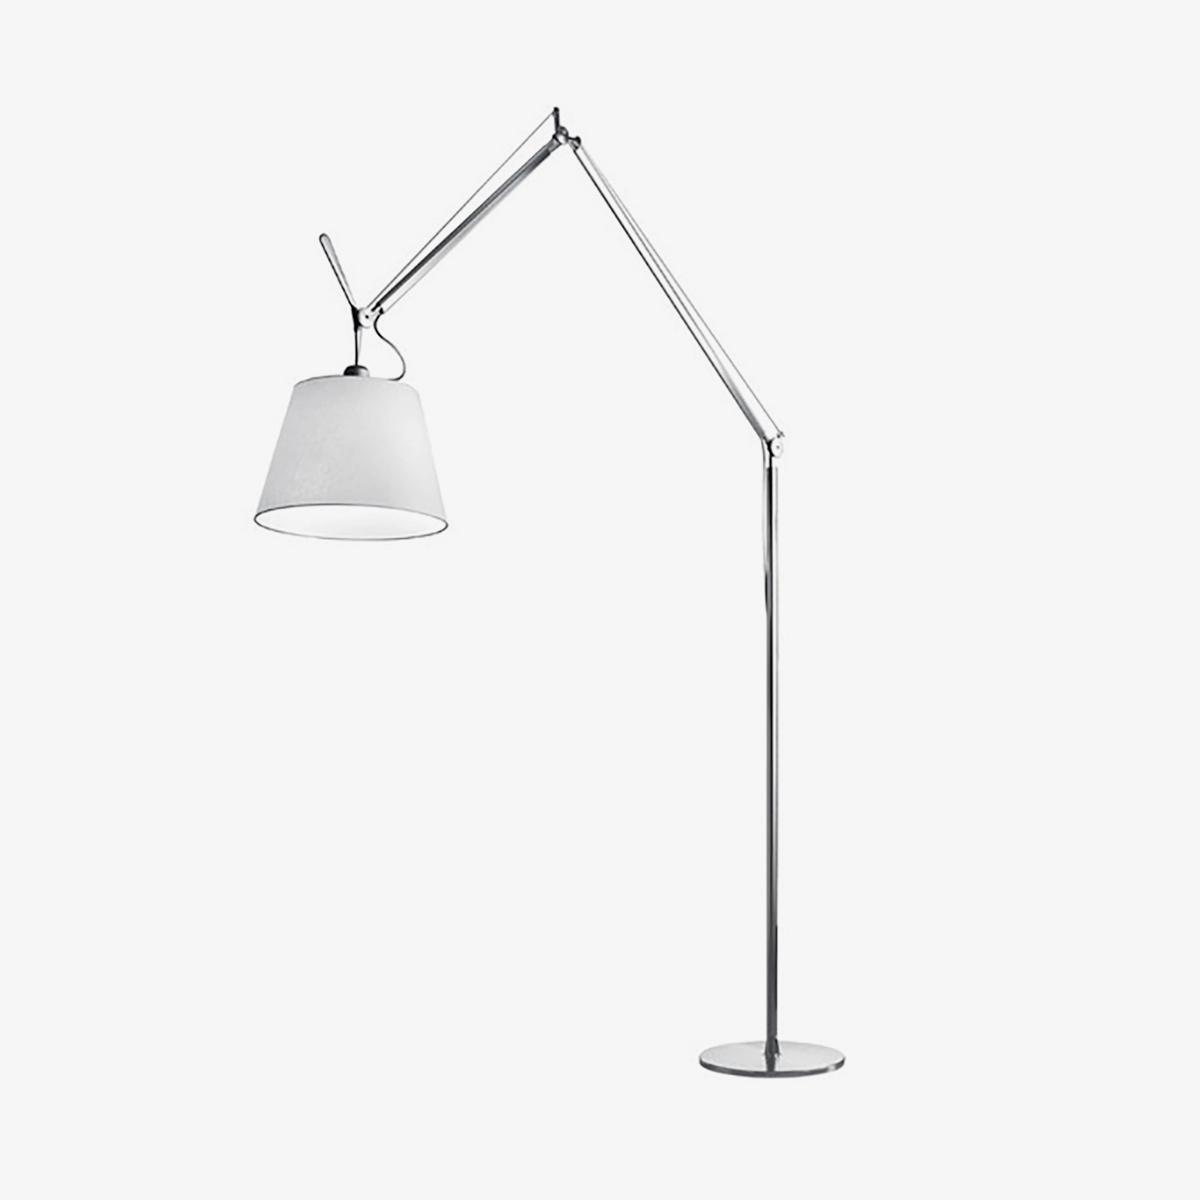 Lámpara de pie Tolomeo Maxi cromo y blanco Artemide-0